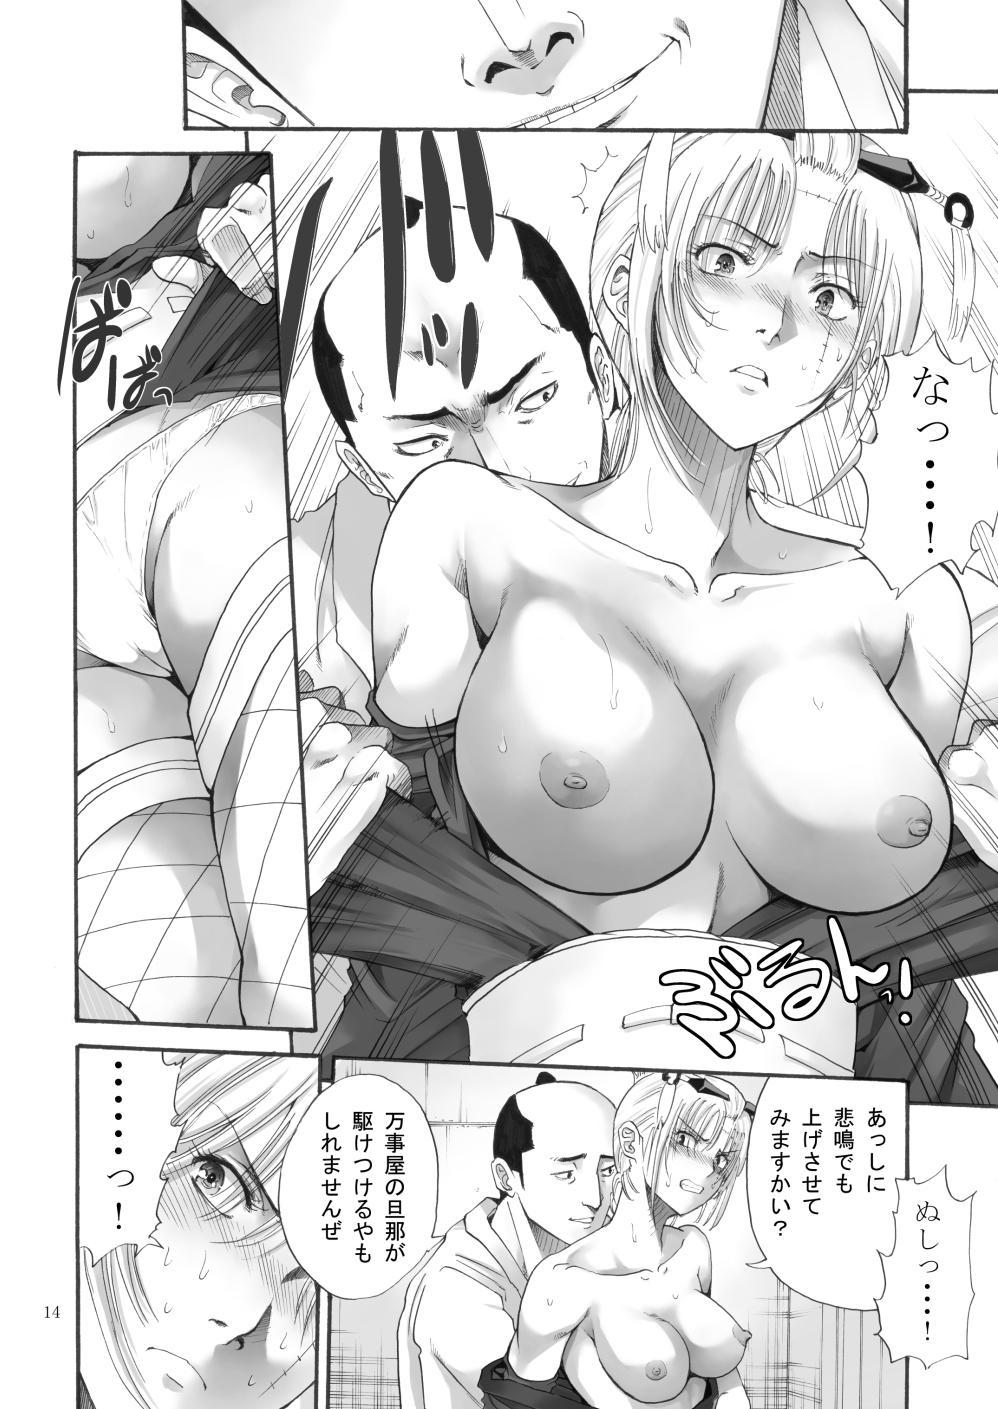 Tsukuyo-san ga Iyarashii Koto o Sarete Shimau Hanashi 2 9